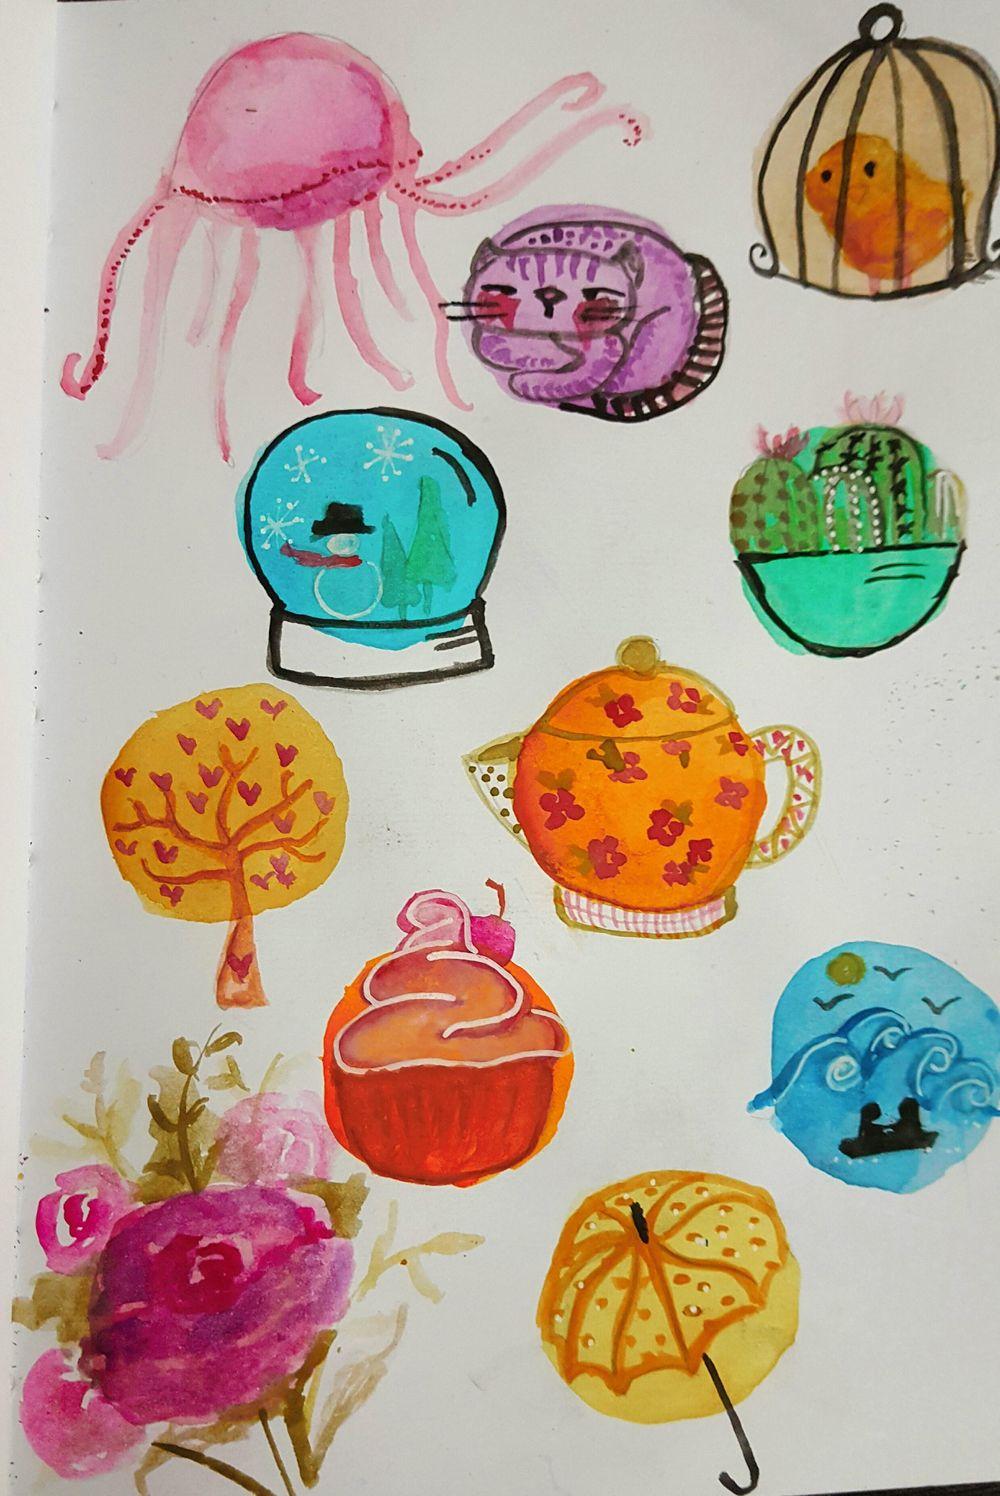 Mis circulos ilustrados - image 1 - student project